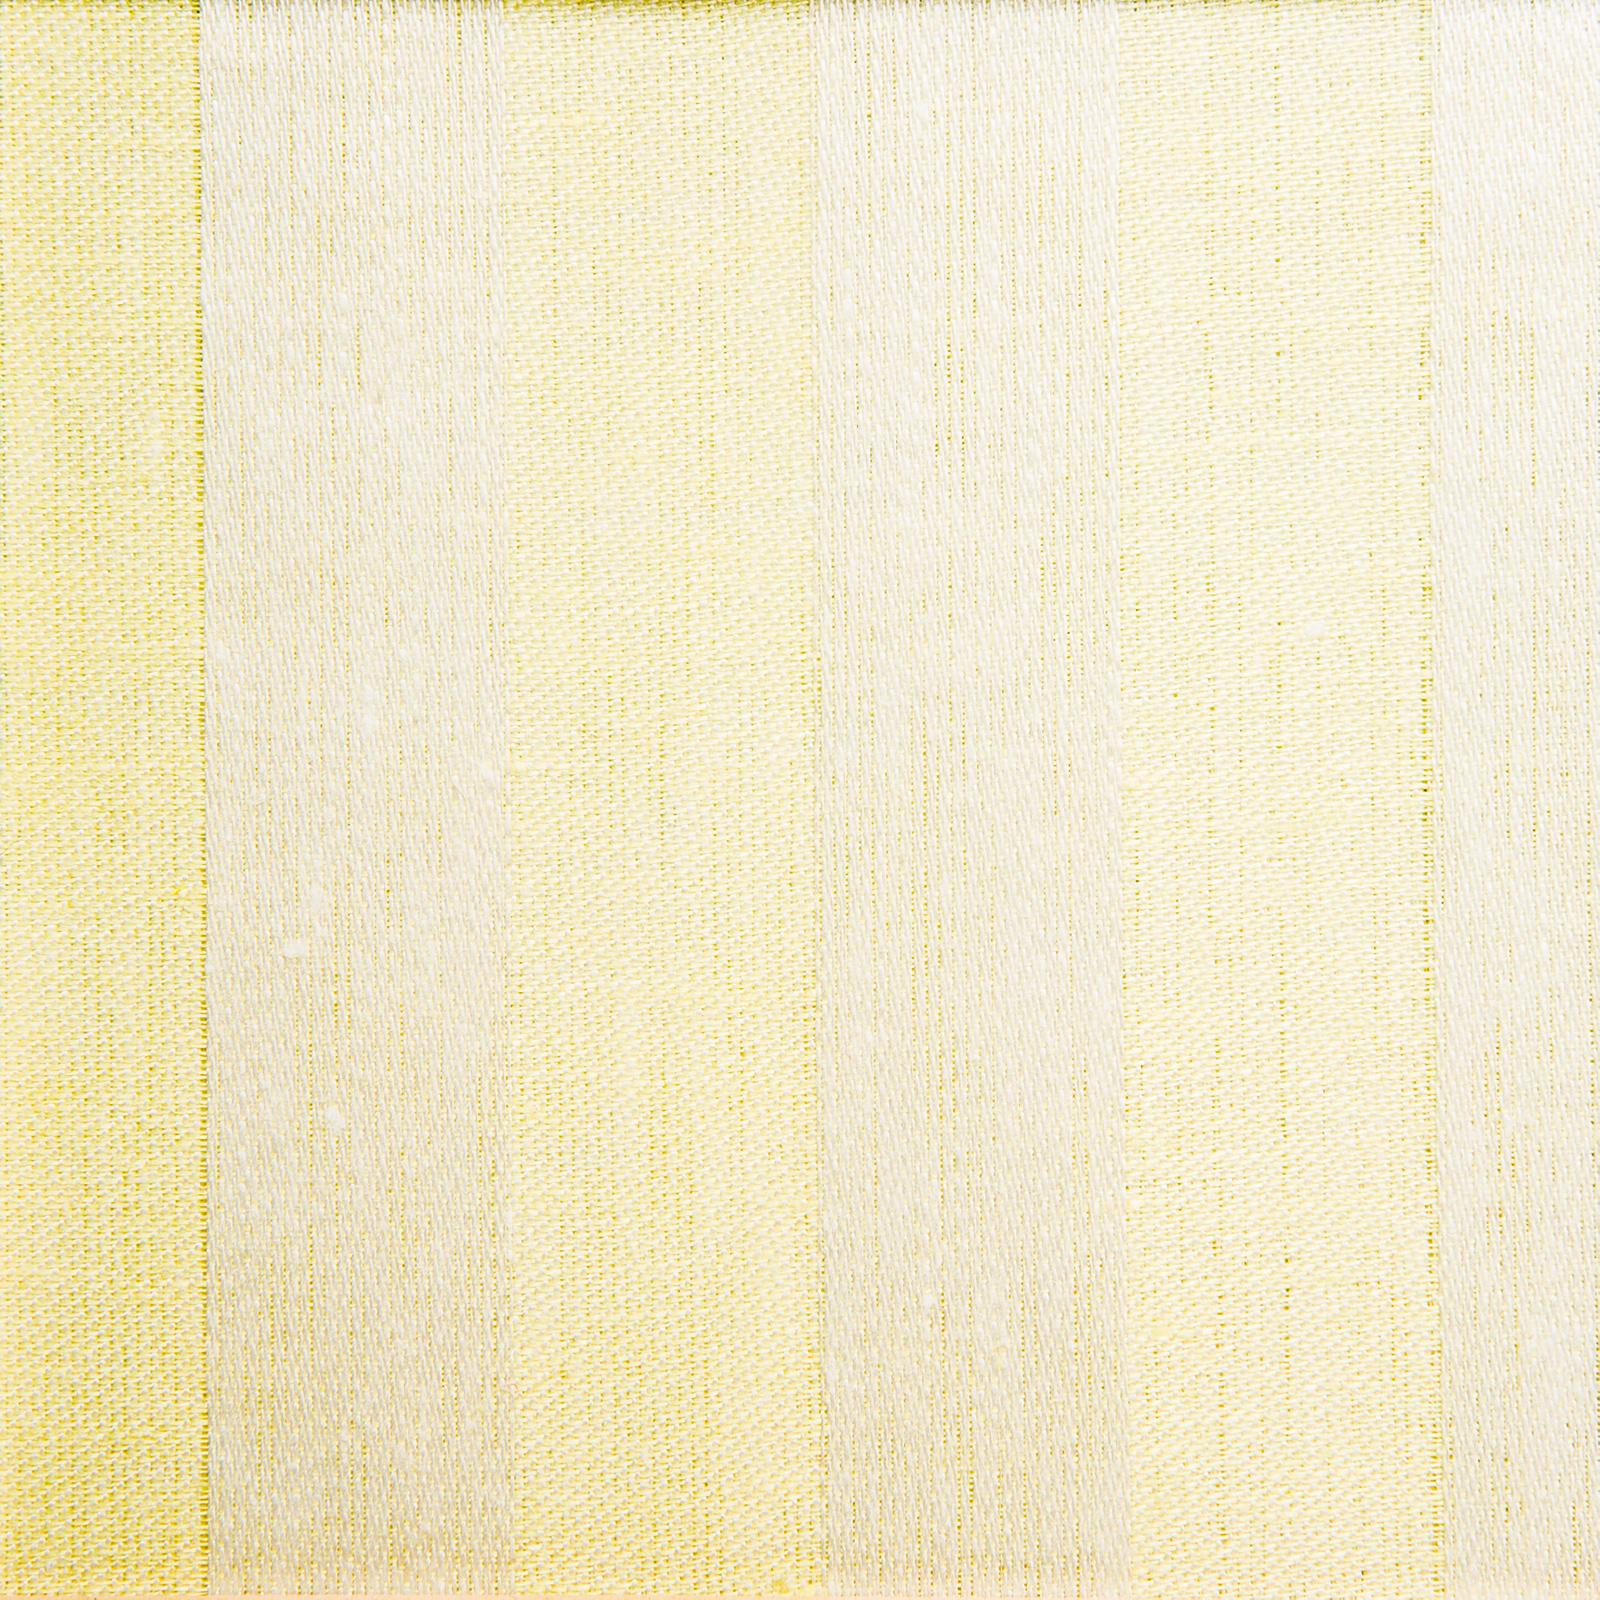 Randig linne handduk Klässbols studio linneväveri gul